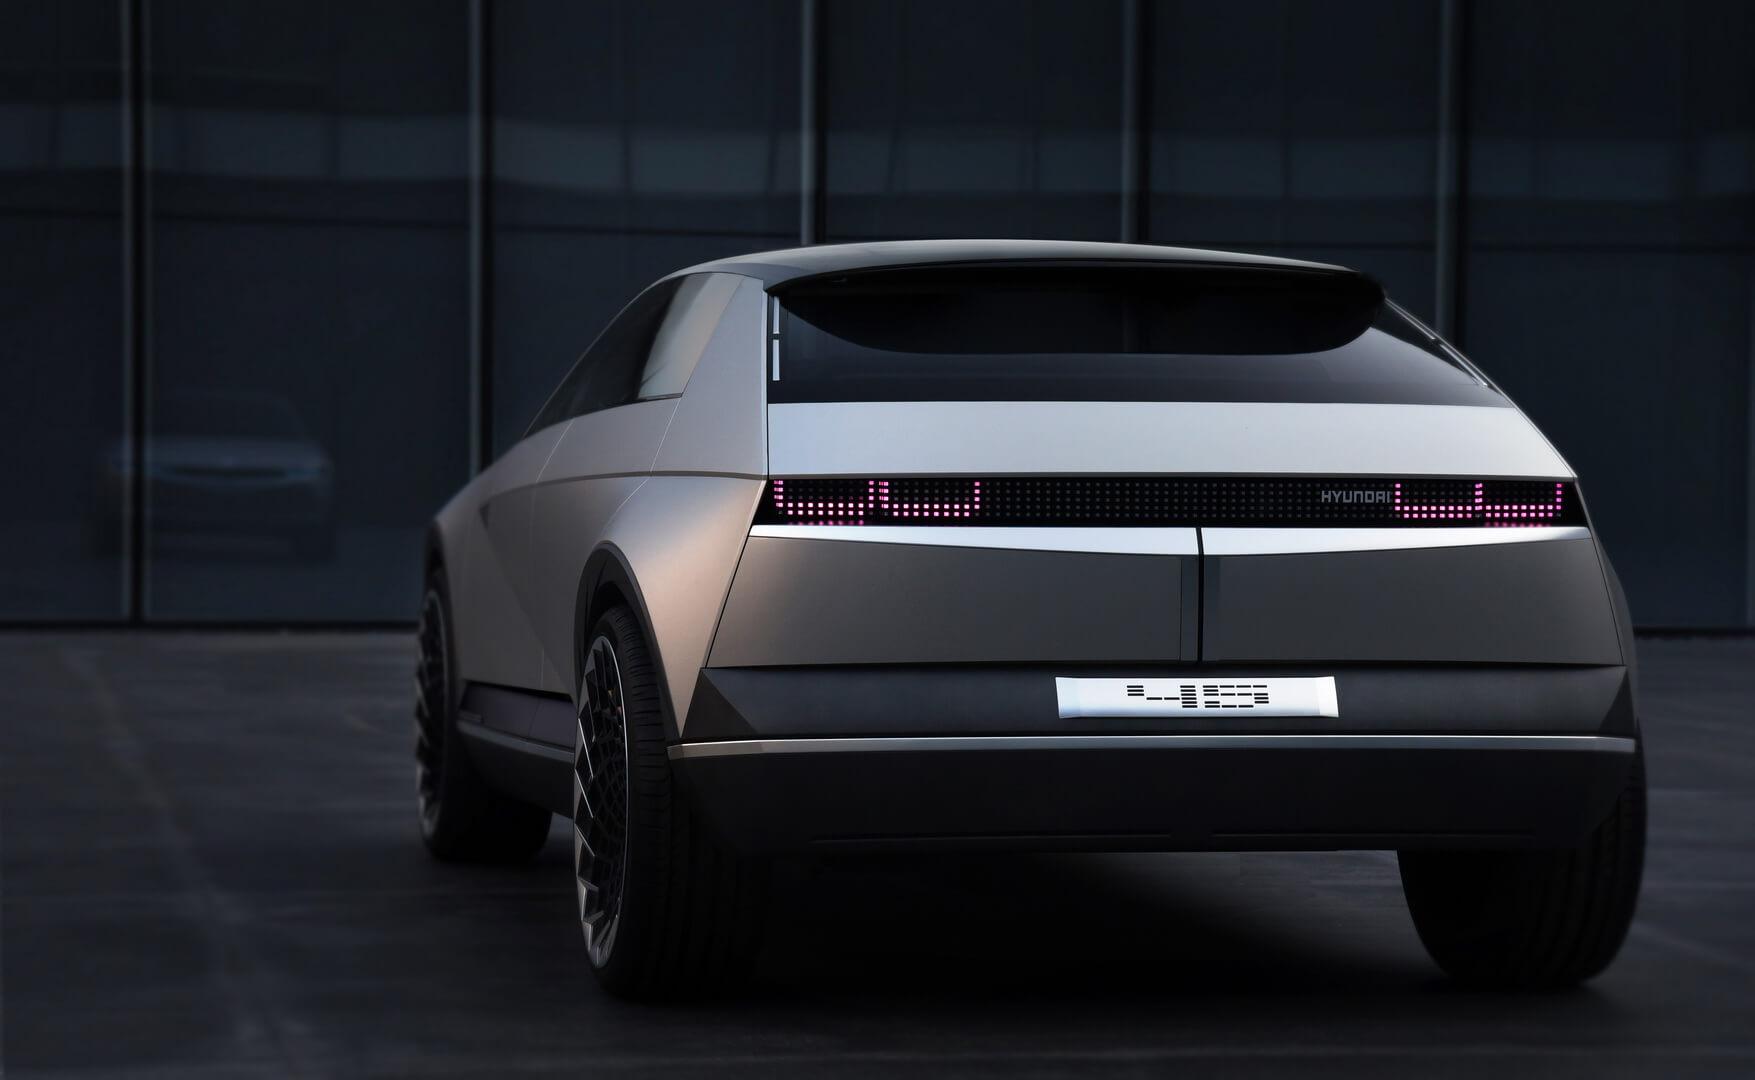 Hyundai представит концепт электромобиля «45» с дизайном 1970-х годов